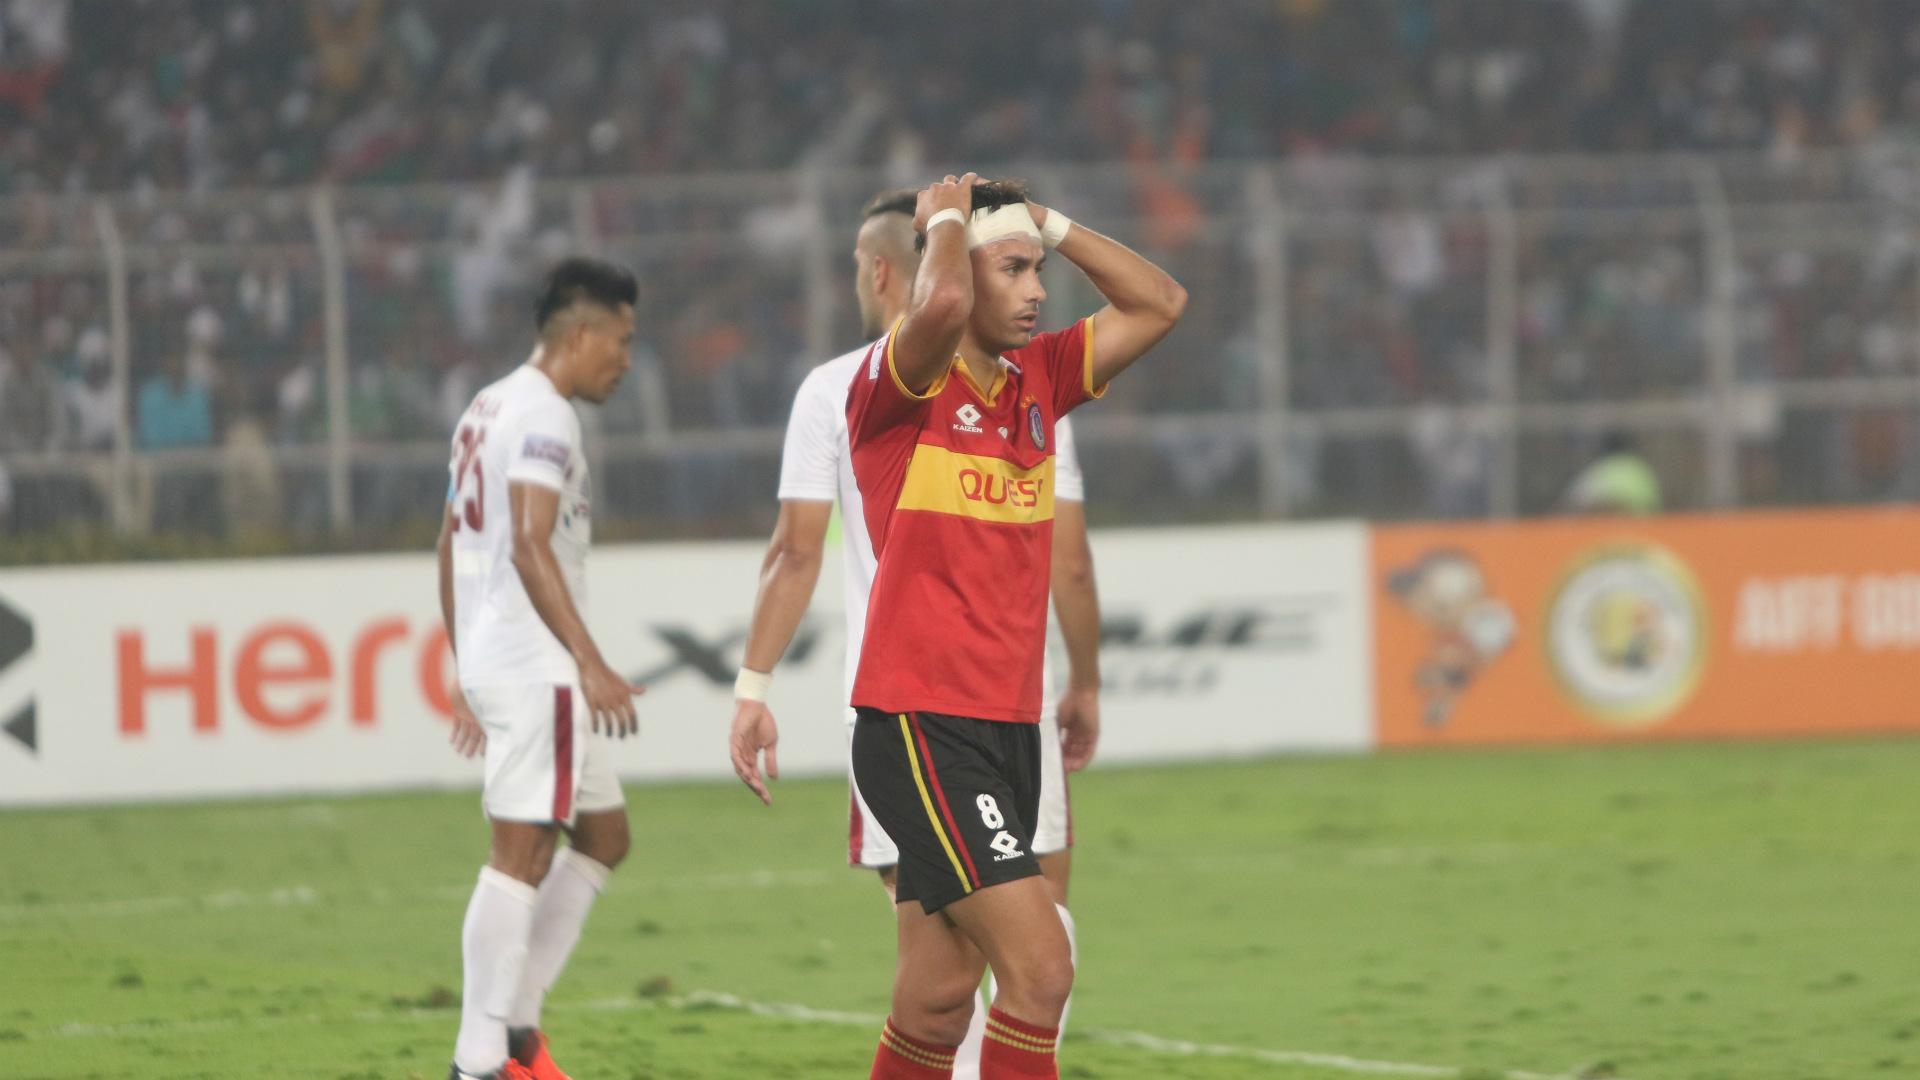 Jaime Santos Mohun Bagan East Bengal I-League 2019-20